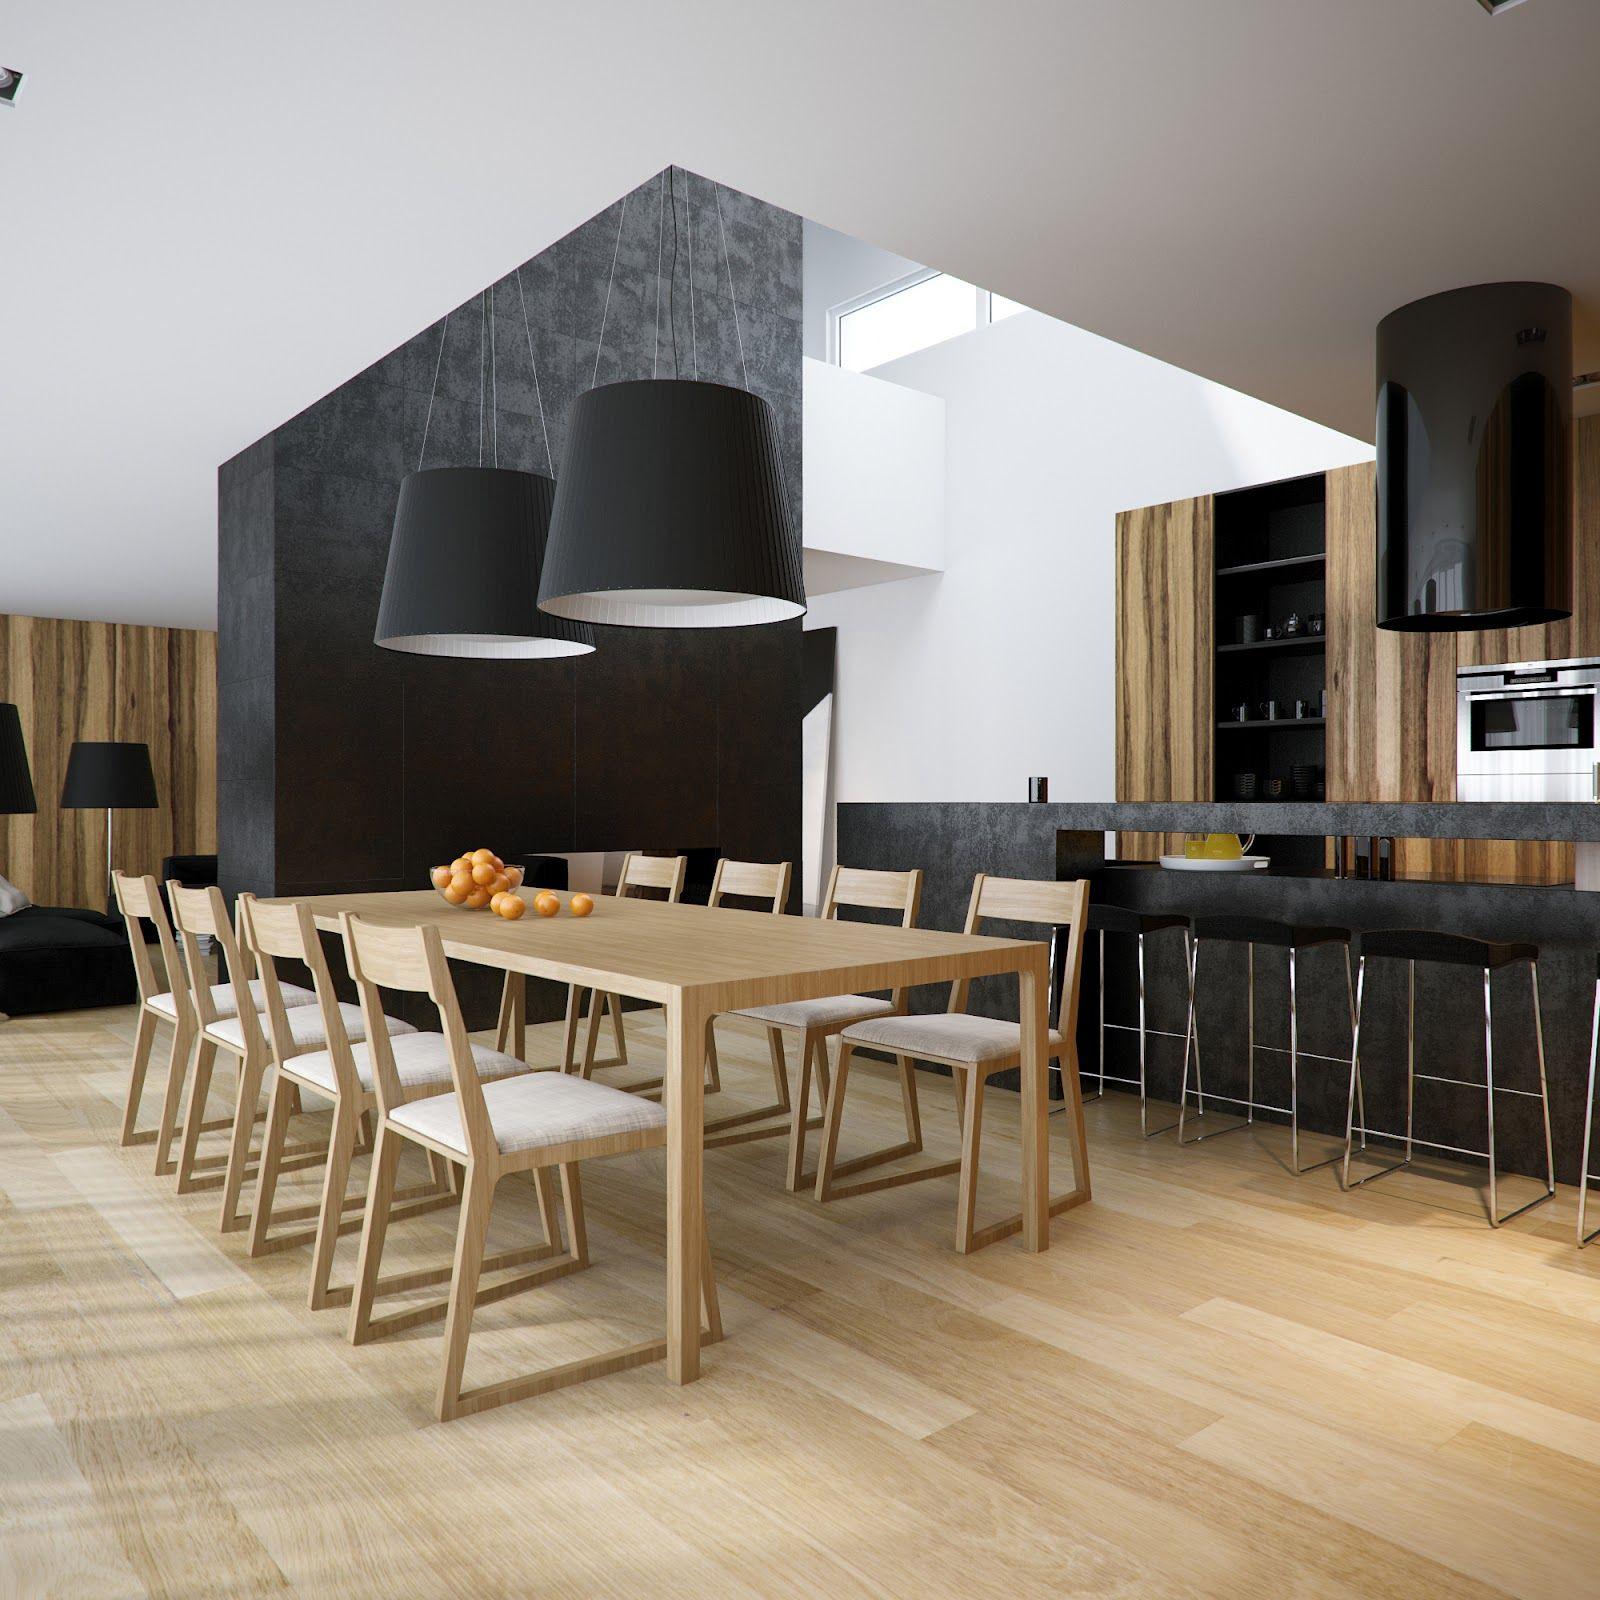 Küchenideen stein black white pine kitchen dining room suite  dwell  kitchen